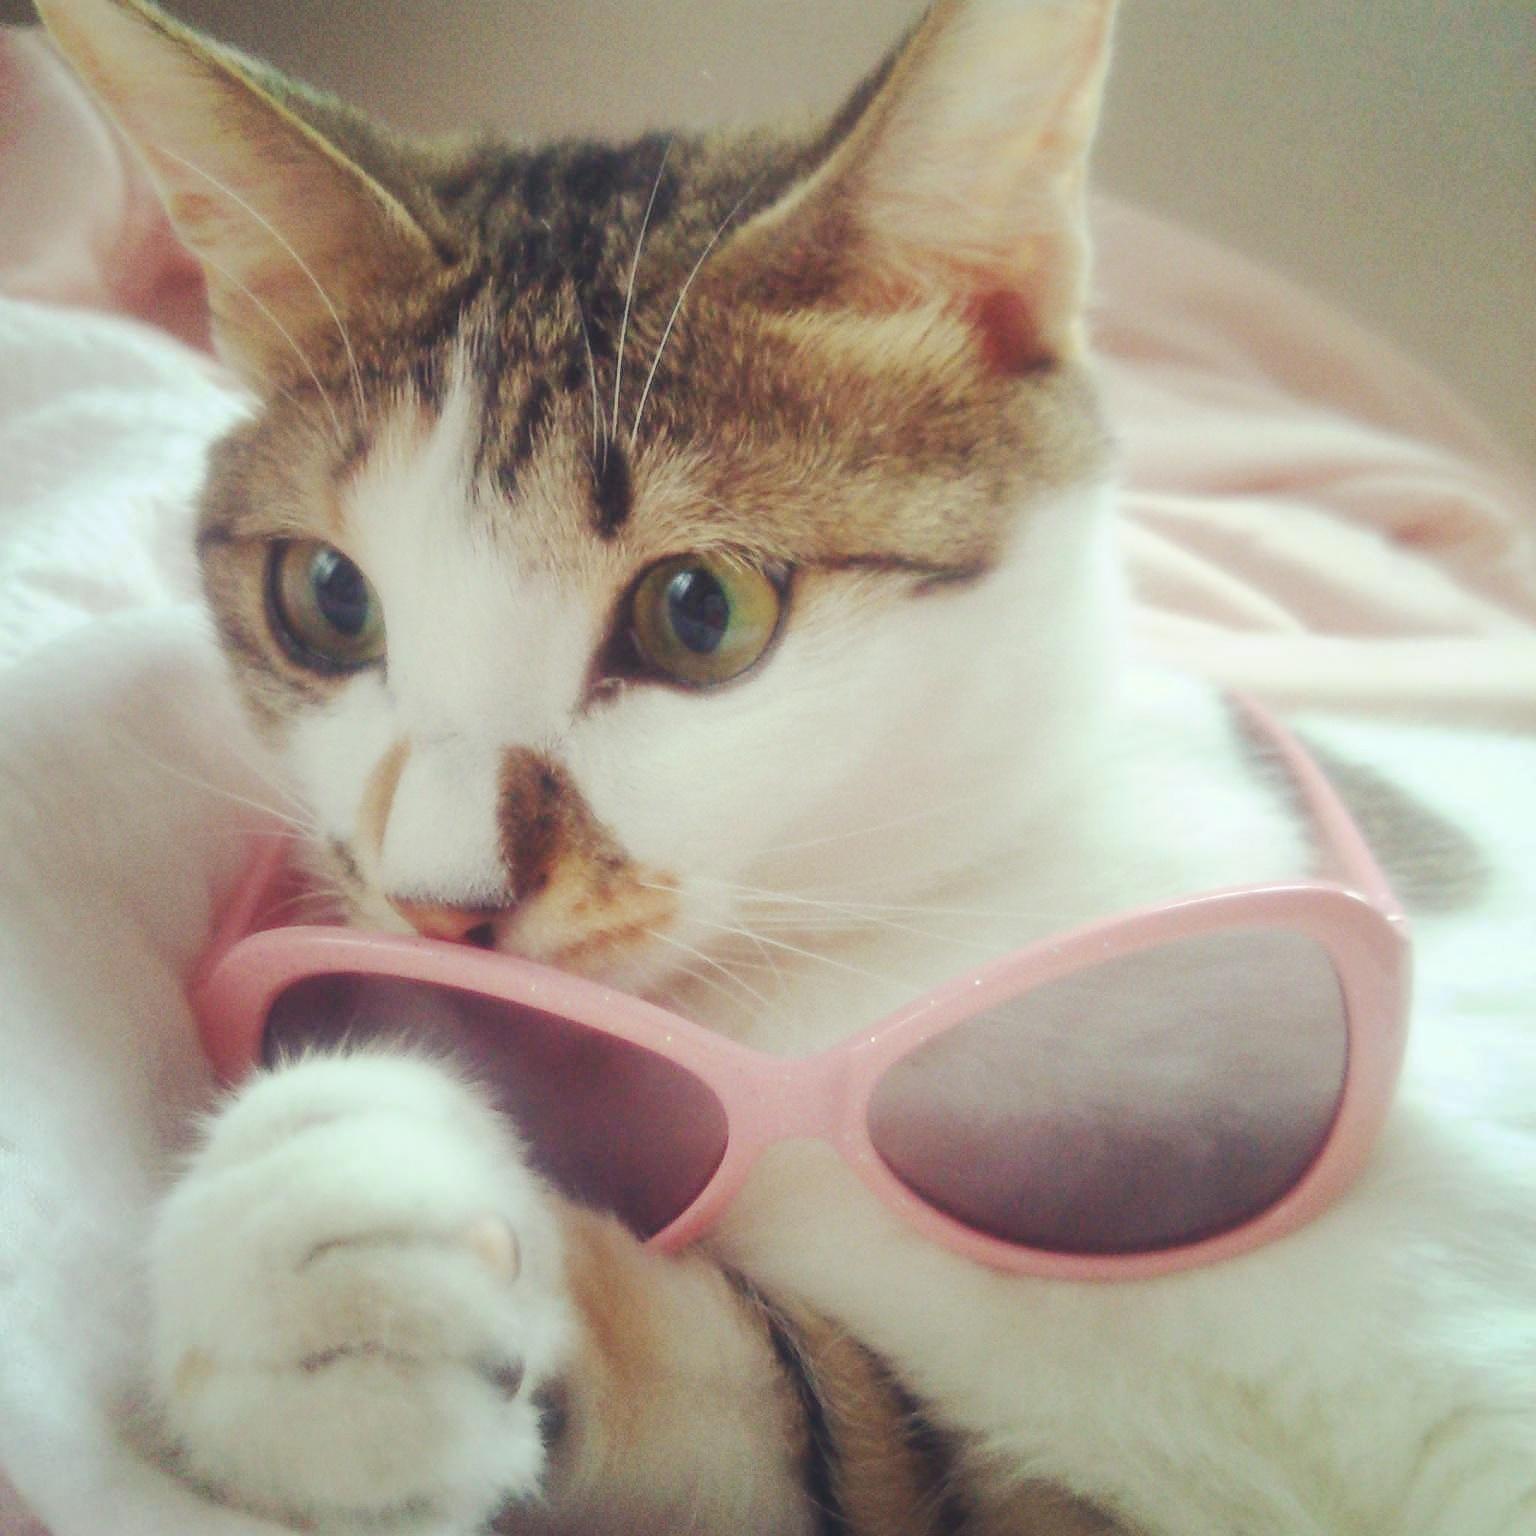 どんなメガネが似合うかな(^^)